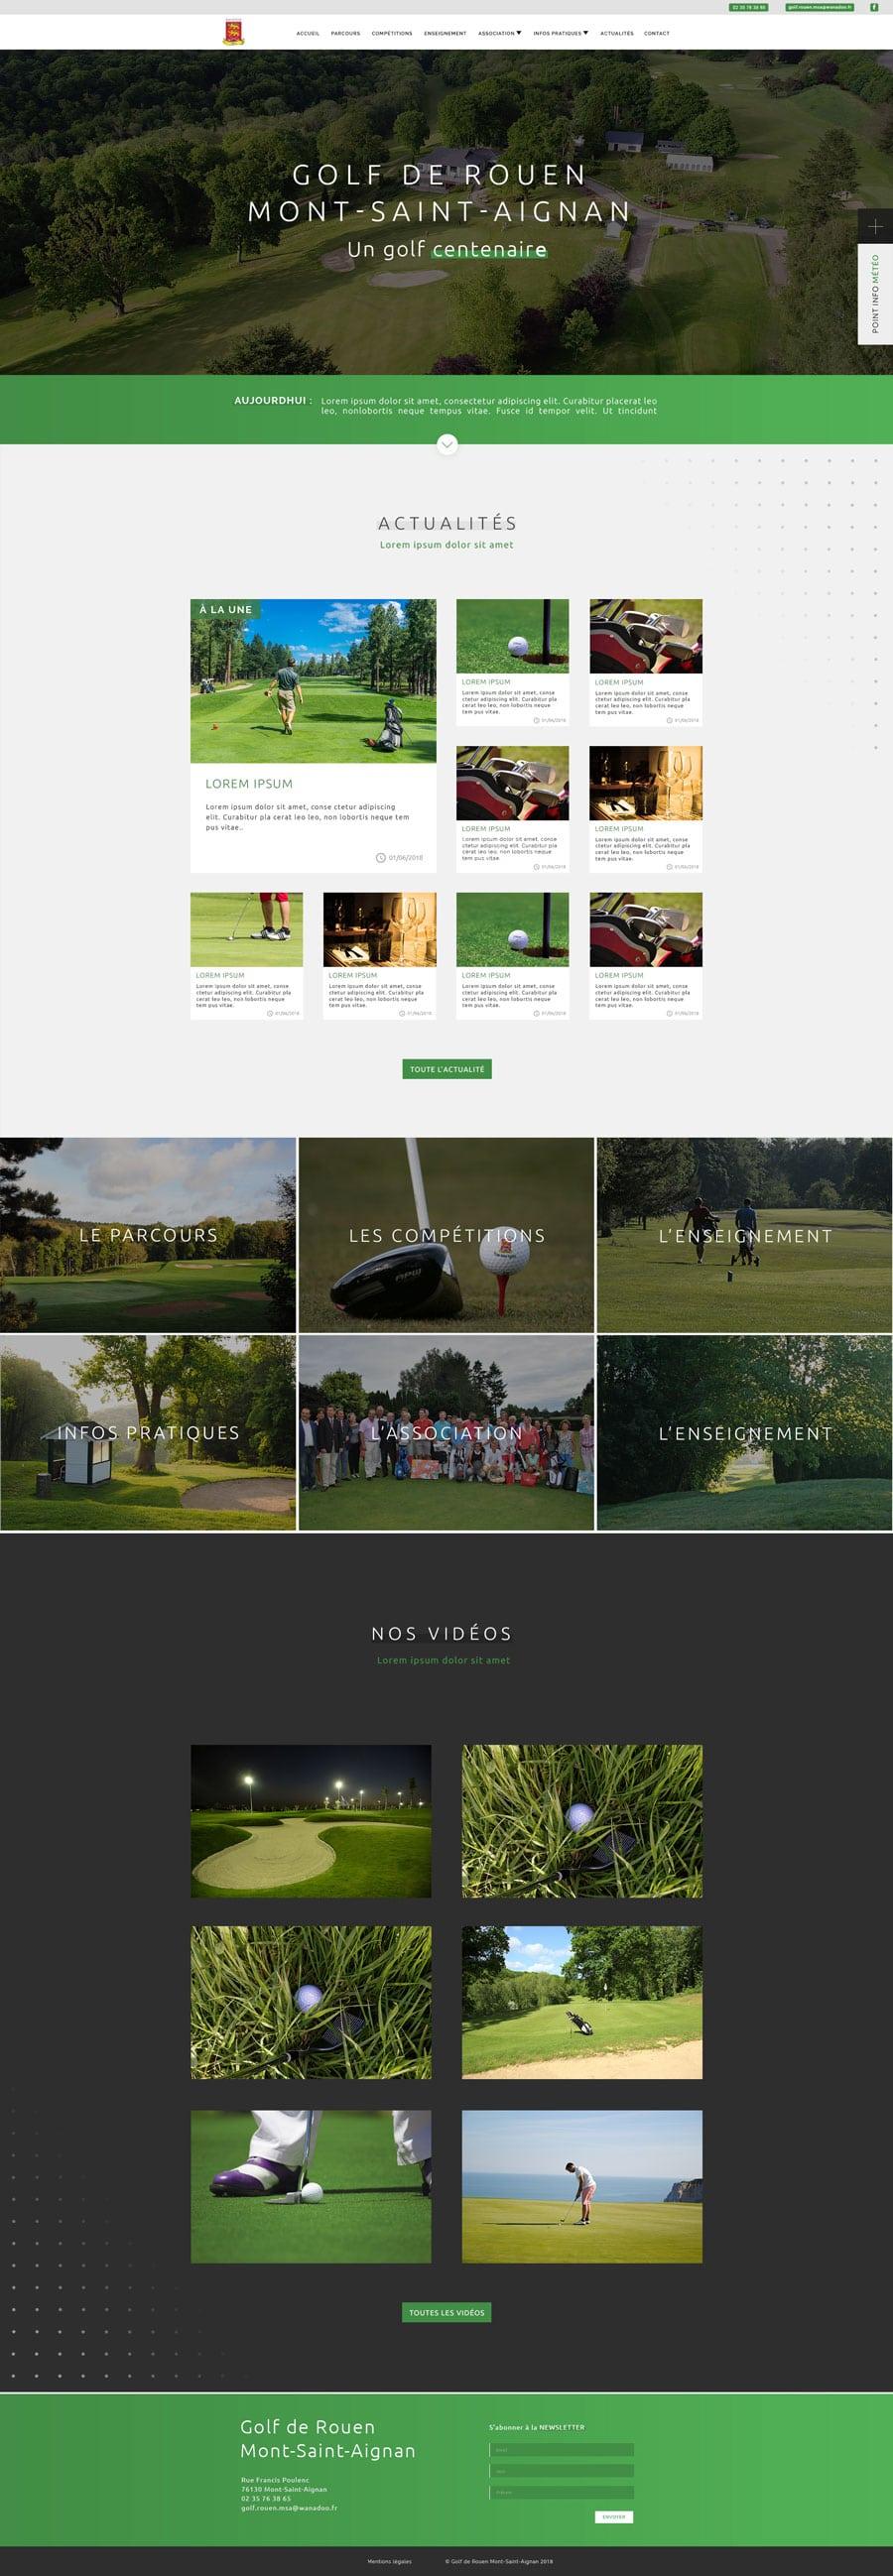 site web golf cyprien delapierre